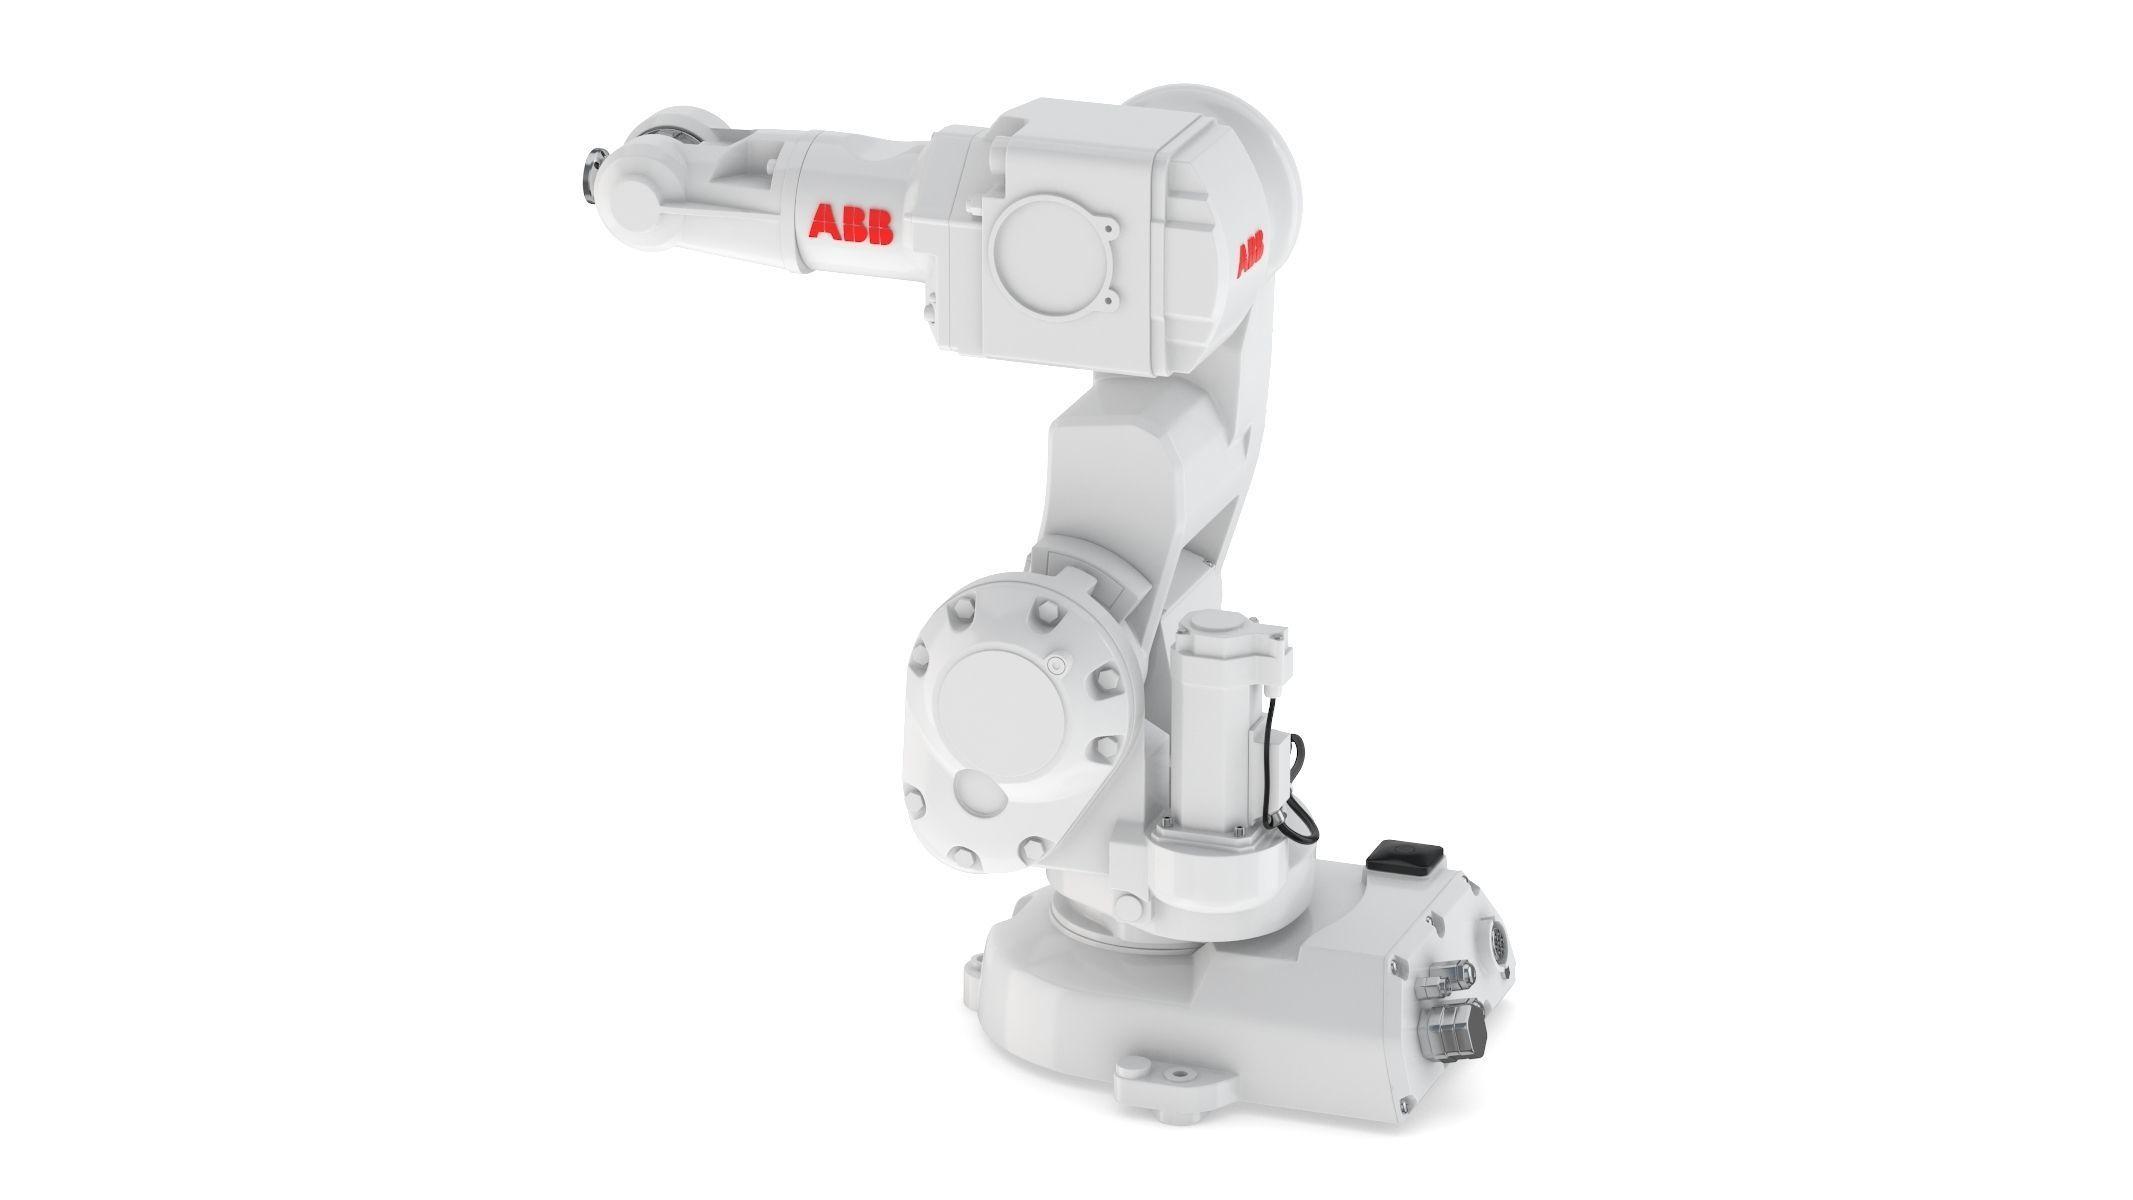 ABB IRB 140